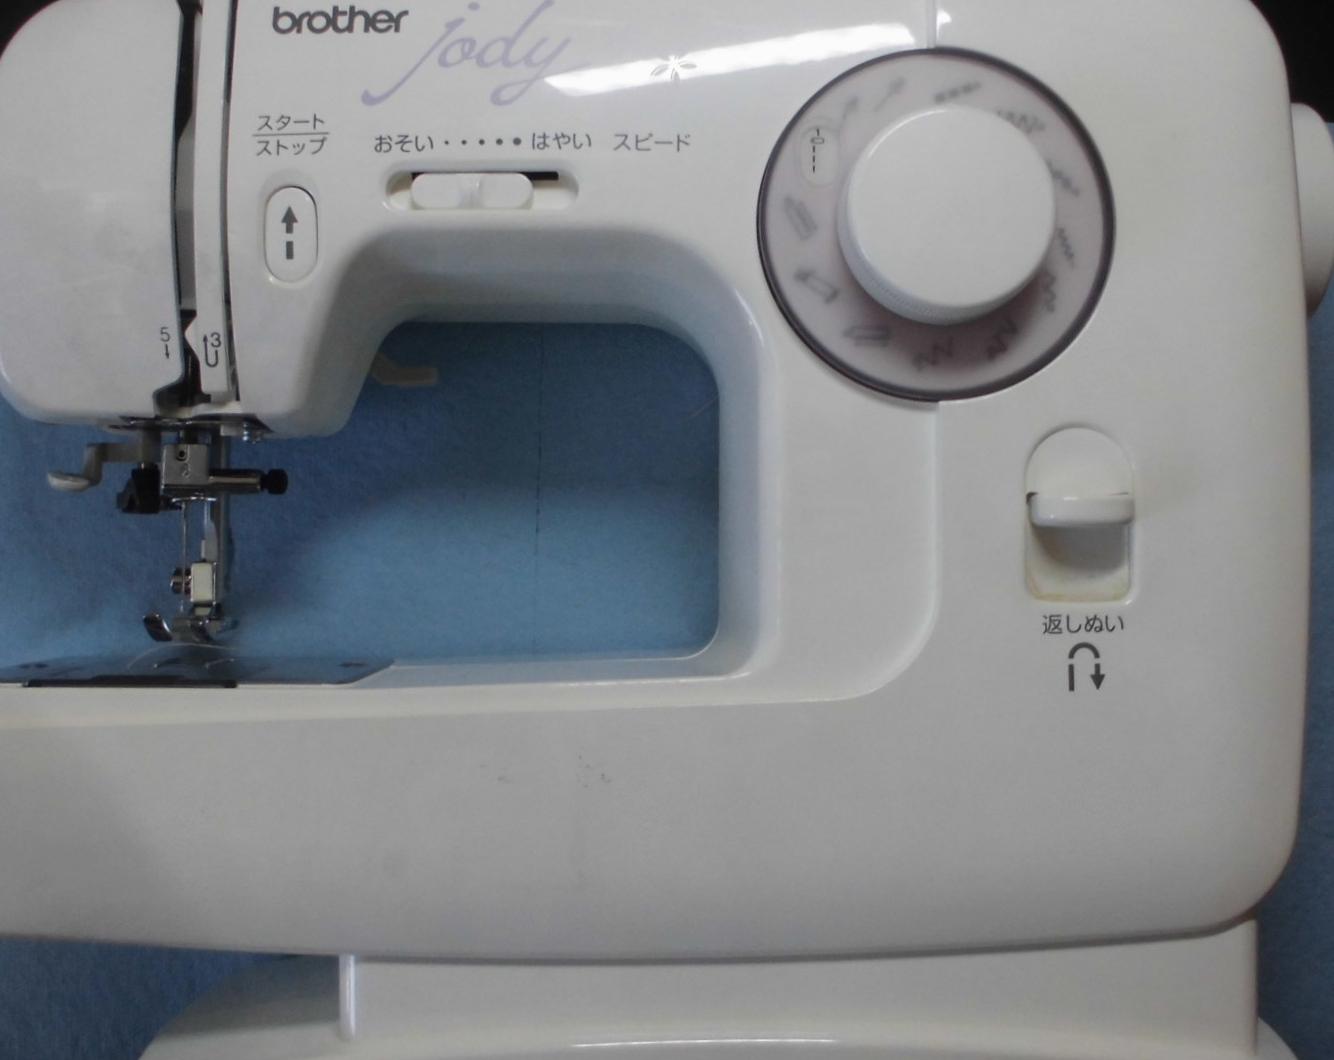 ブラザーミシン修理|JODY EL130|下糸が出てこない、縫えない、糸が絡まる、釜が回らない